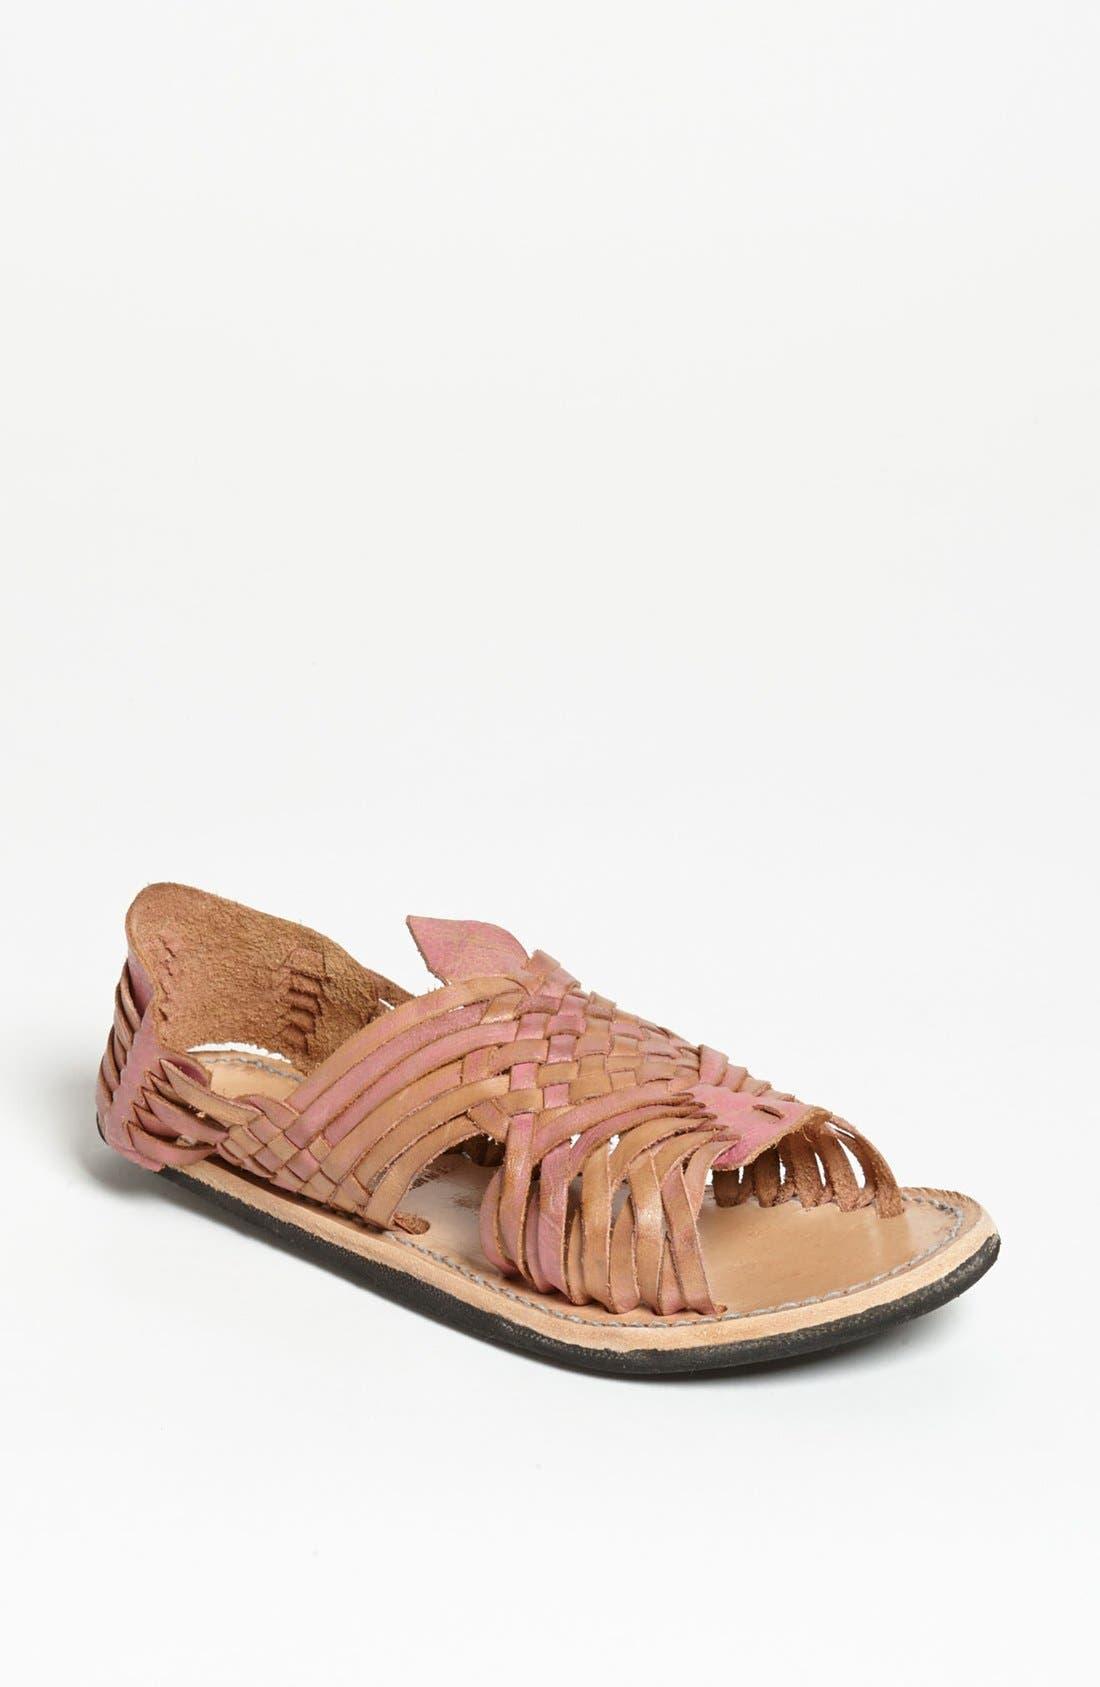 Main Image - Bed Stu 'Lauren' Sandal